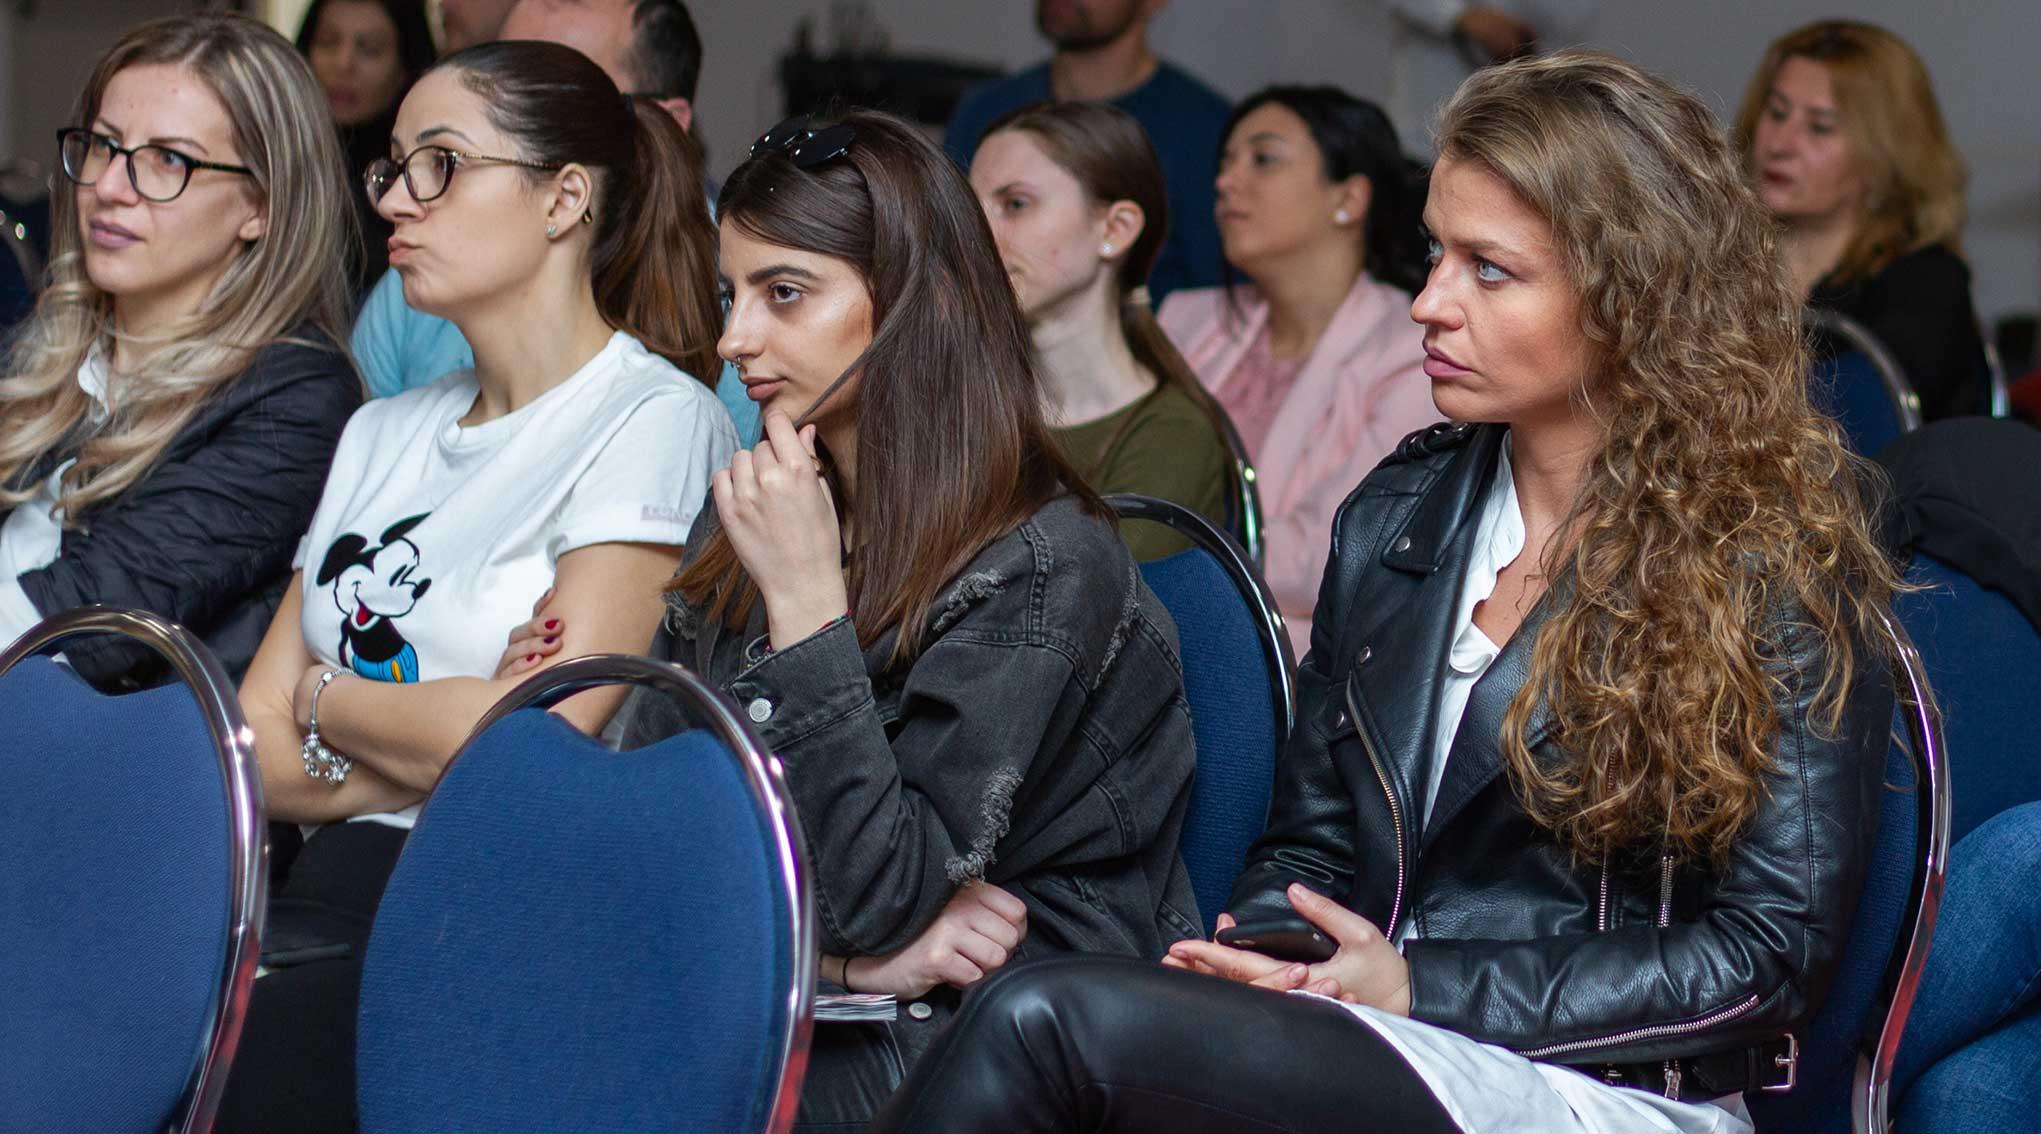 workshop-uri-demonstratii-si-conferinte-marca-atelierele-ilbah-pe-parcursul-a-4-zile-in-cadrul-romexpo-88